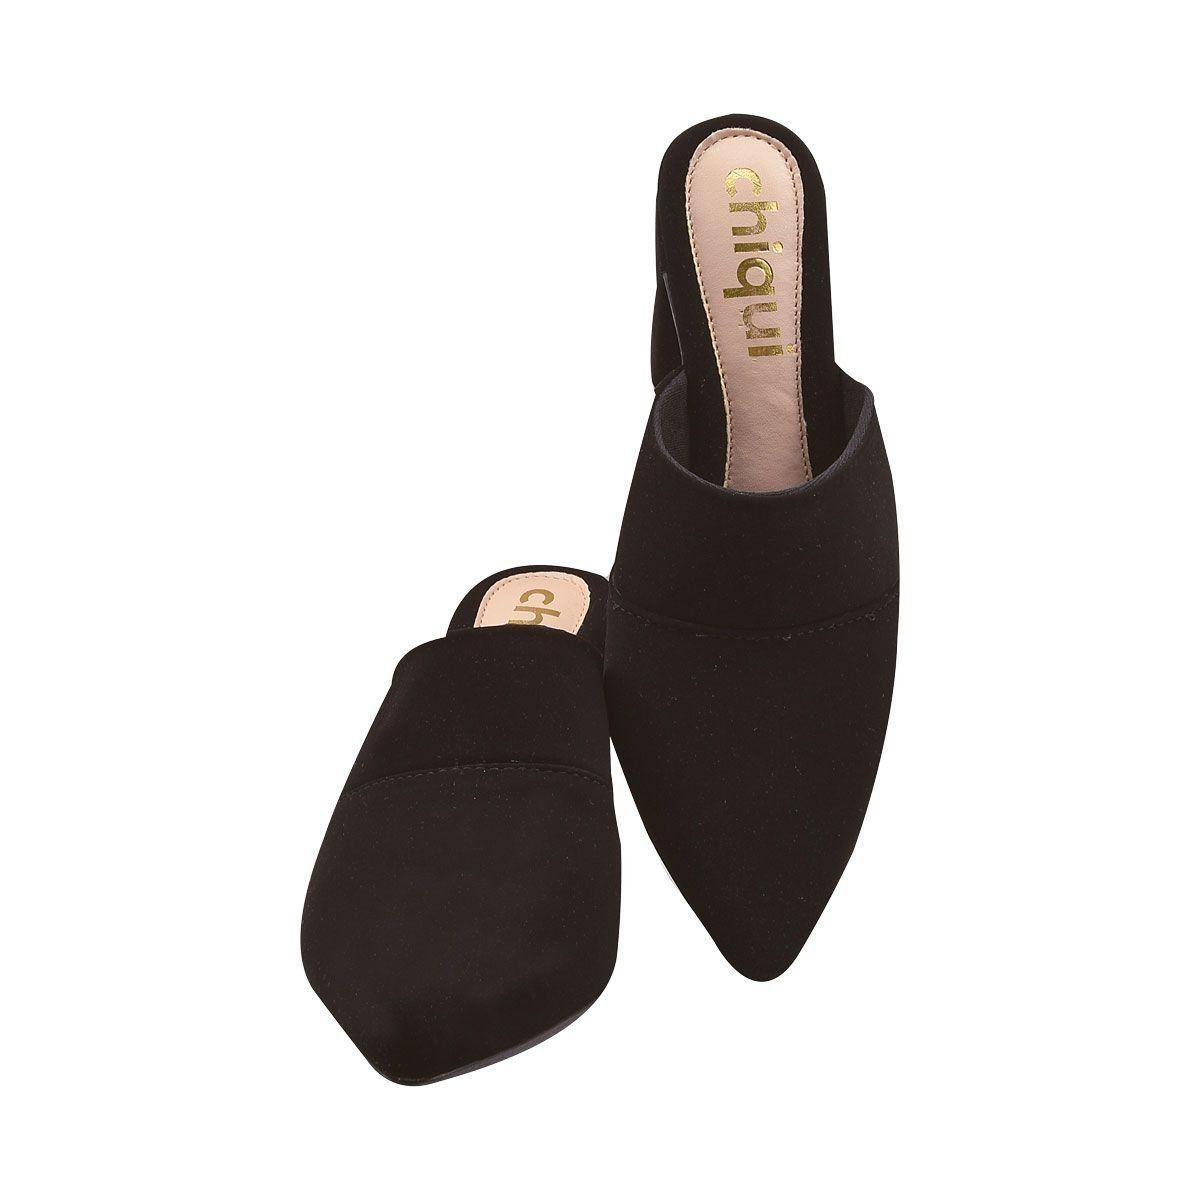 Sapato Mule Chiquiteira Salto Grosso Nobuck Liso Preto BRA